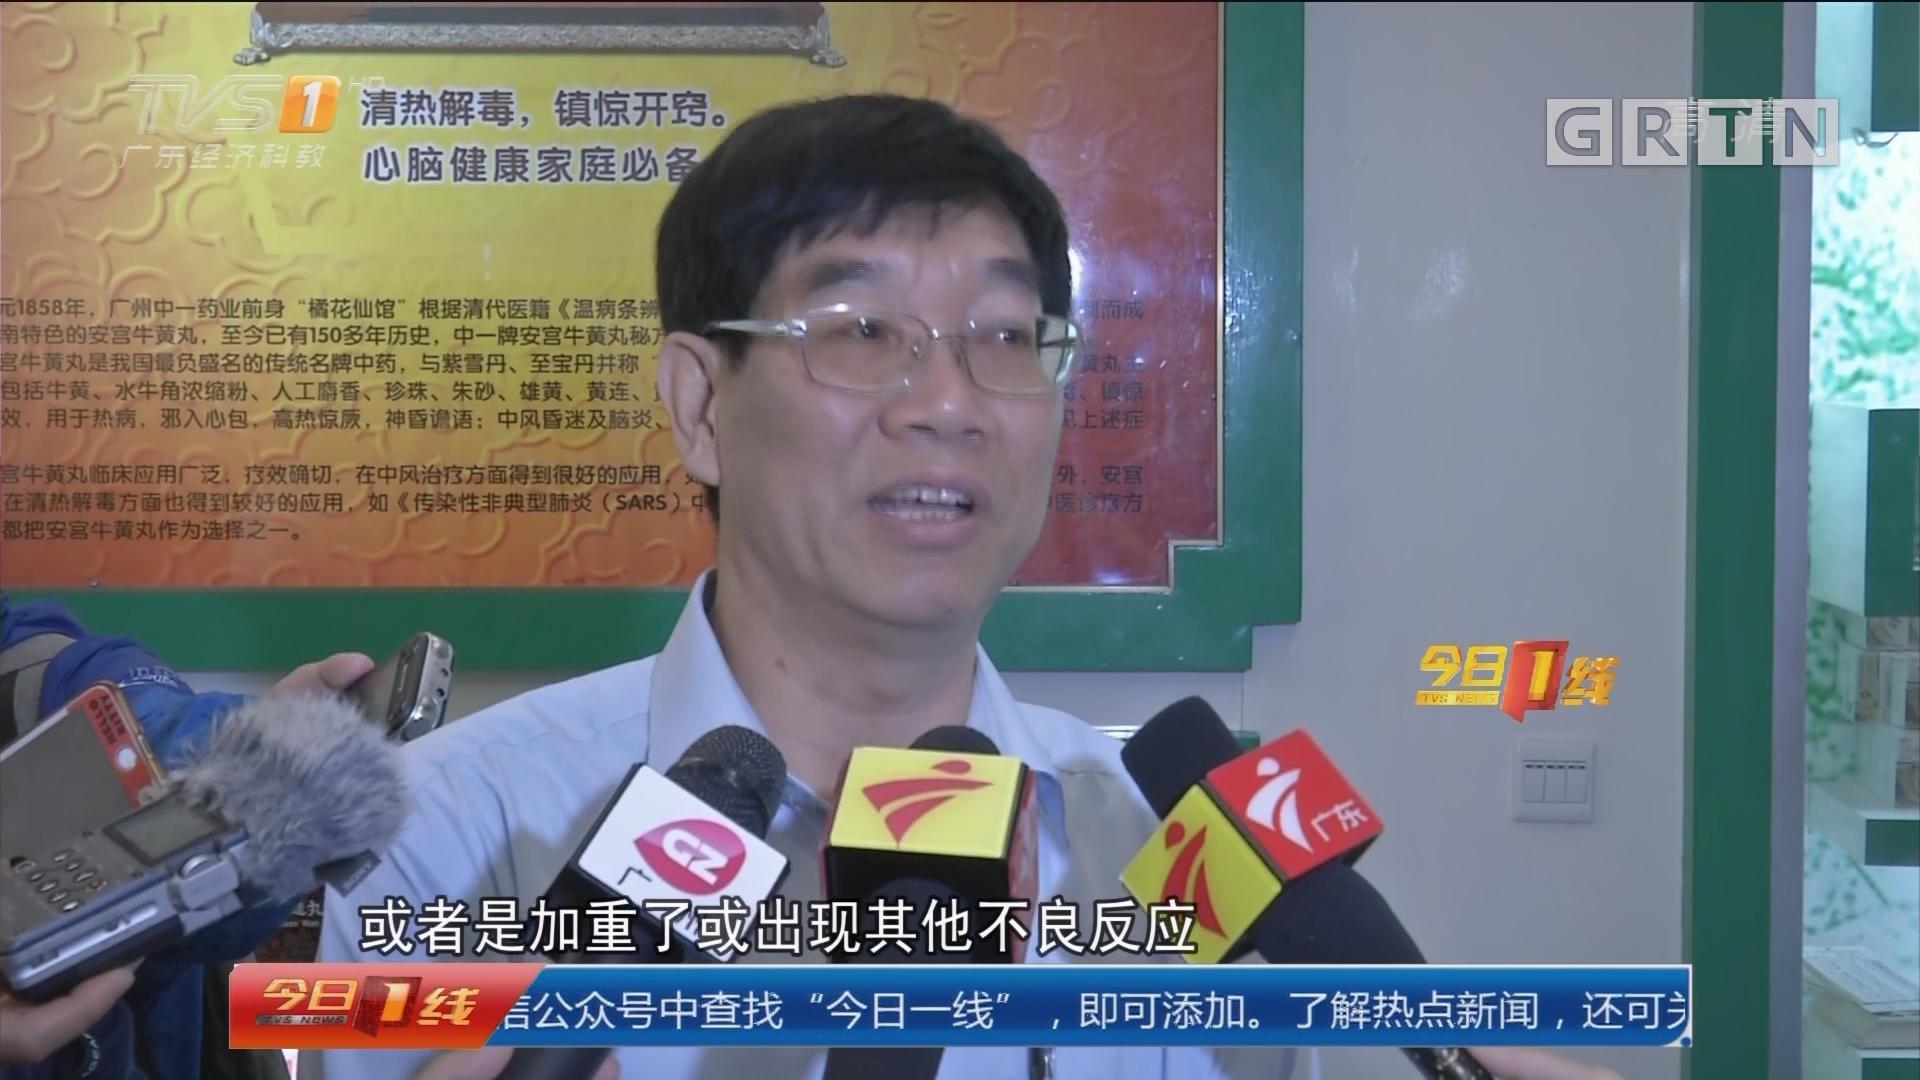 广东省安全用药月:安全用药 警惕十大用药误区